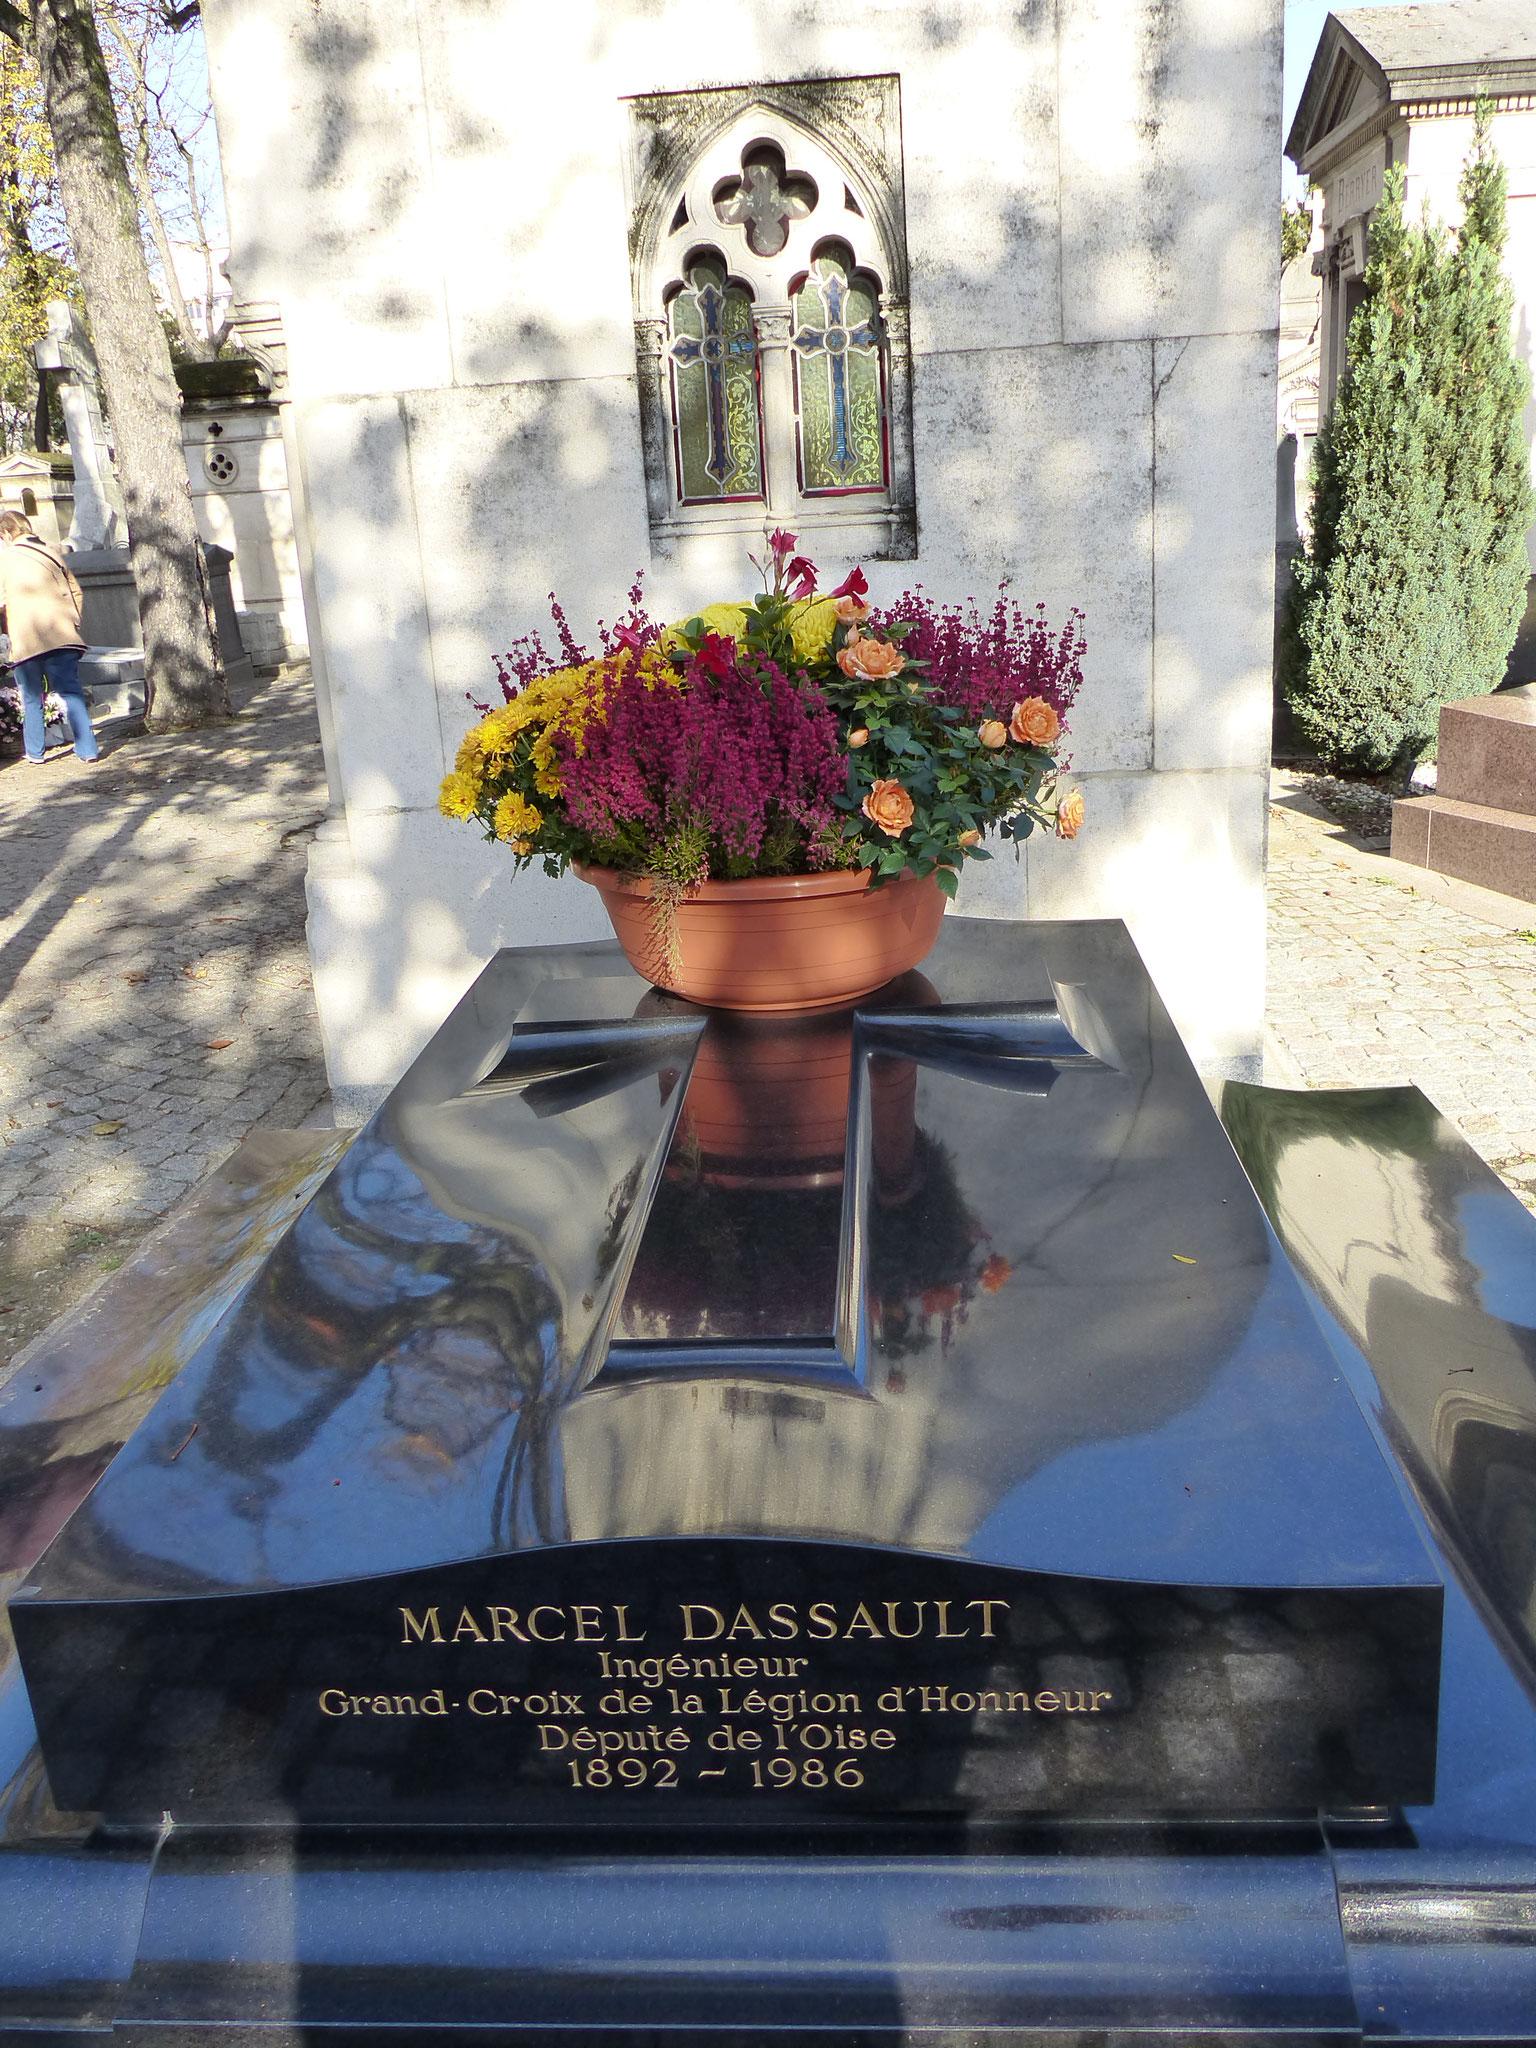 Marcel Dassault - Entrepreneur